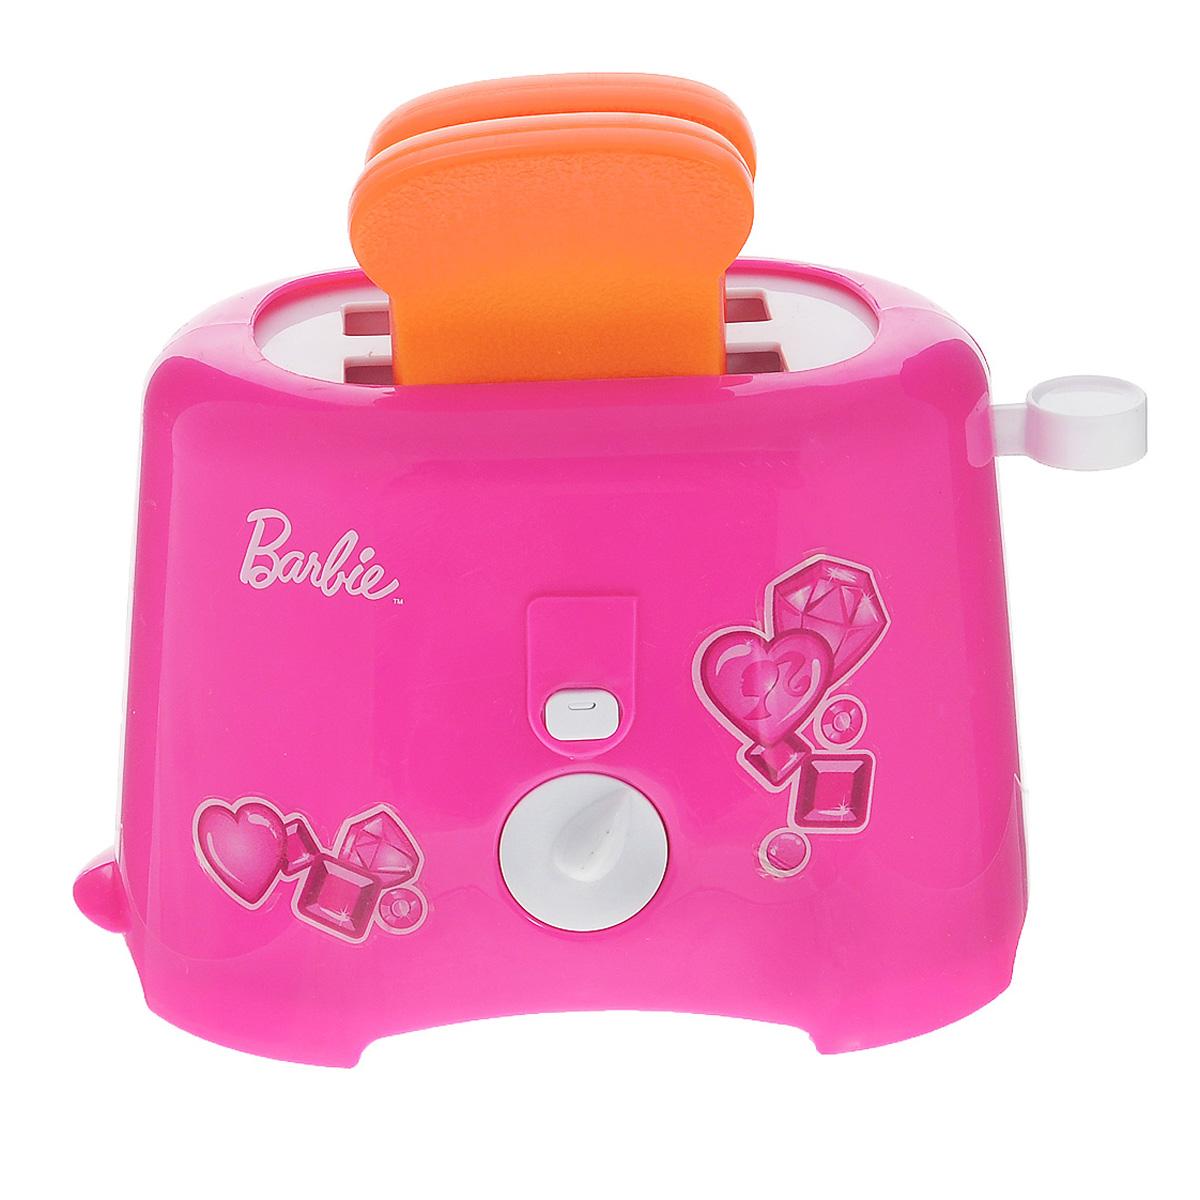 Barbie Игрушка ТостерJRFTOASTE-BBТостер Barbie непременно понравится вашей маленькой хозяюшке и не позволит ей скучать. Красочный тостер выполнен из прочного безопасного пластика розового цвета. Тостер выглядит и работает совсем как настоящий - просто поместите хлеб в тостер, отведите рычаг вниз и поверните таймер. В комплект входят 2 кусочка хлеба из пластика. Такая игрушка поможет ребенку развить звуковое восприятие, мелкую моторику рук и координацию движений, а также станет важным элементом сюжетно-ролевых игр и познакомит ребенка с работой настоящих бытовых приборов. Игра с такой кухонной техникой превратится в увлекательное событие, которое обязательно порадует ребенка. Рекомендуется докупить 2 батарейки типа АА (товар комплектуется демонстрационными).